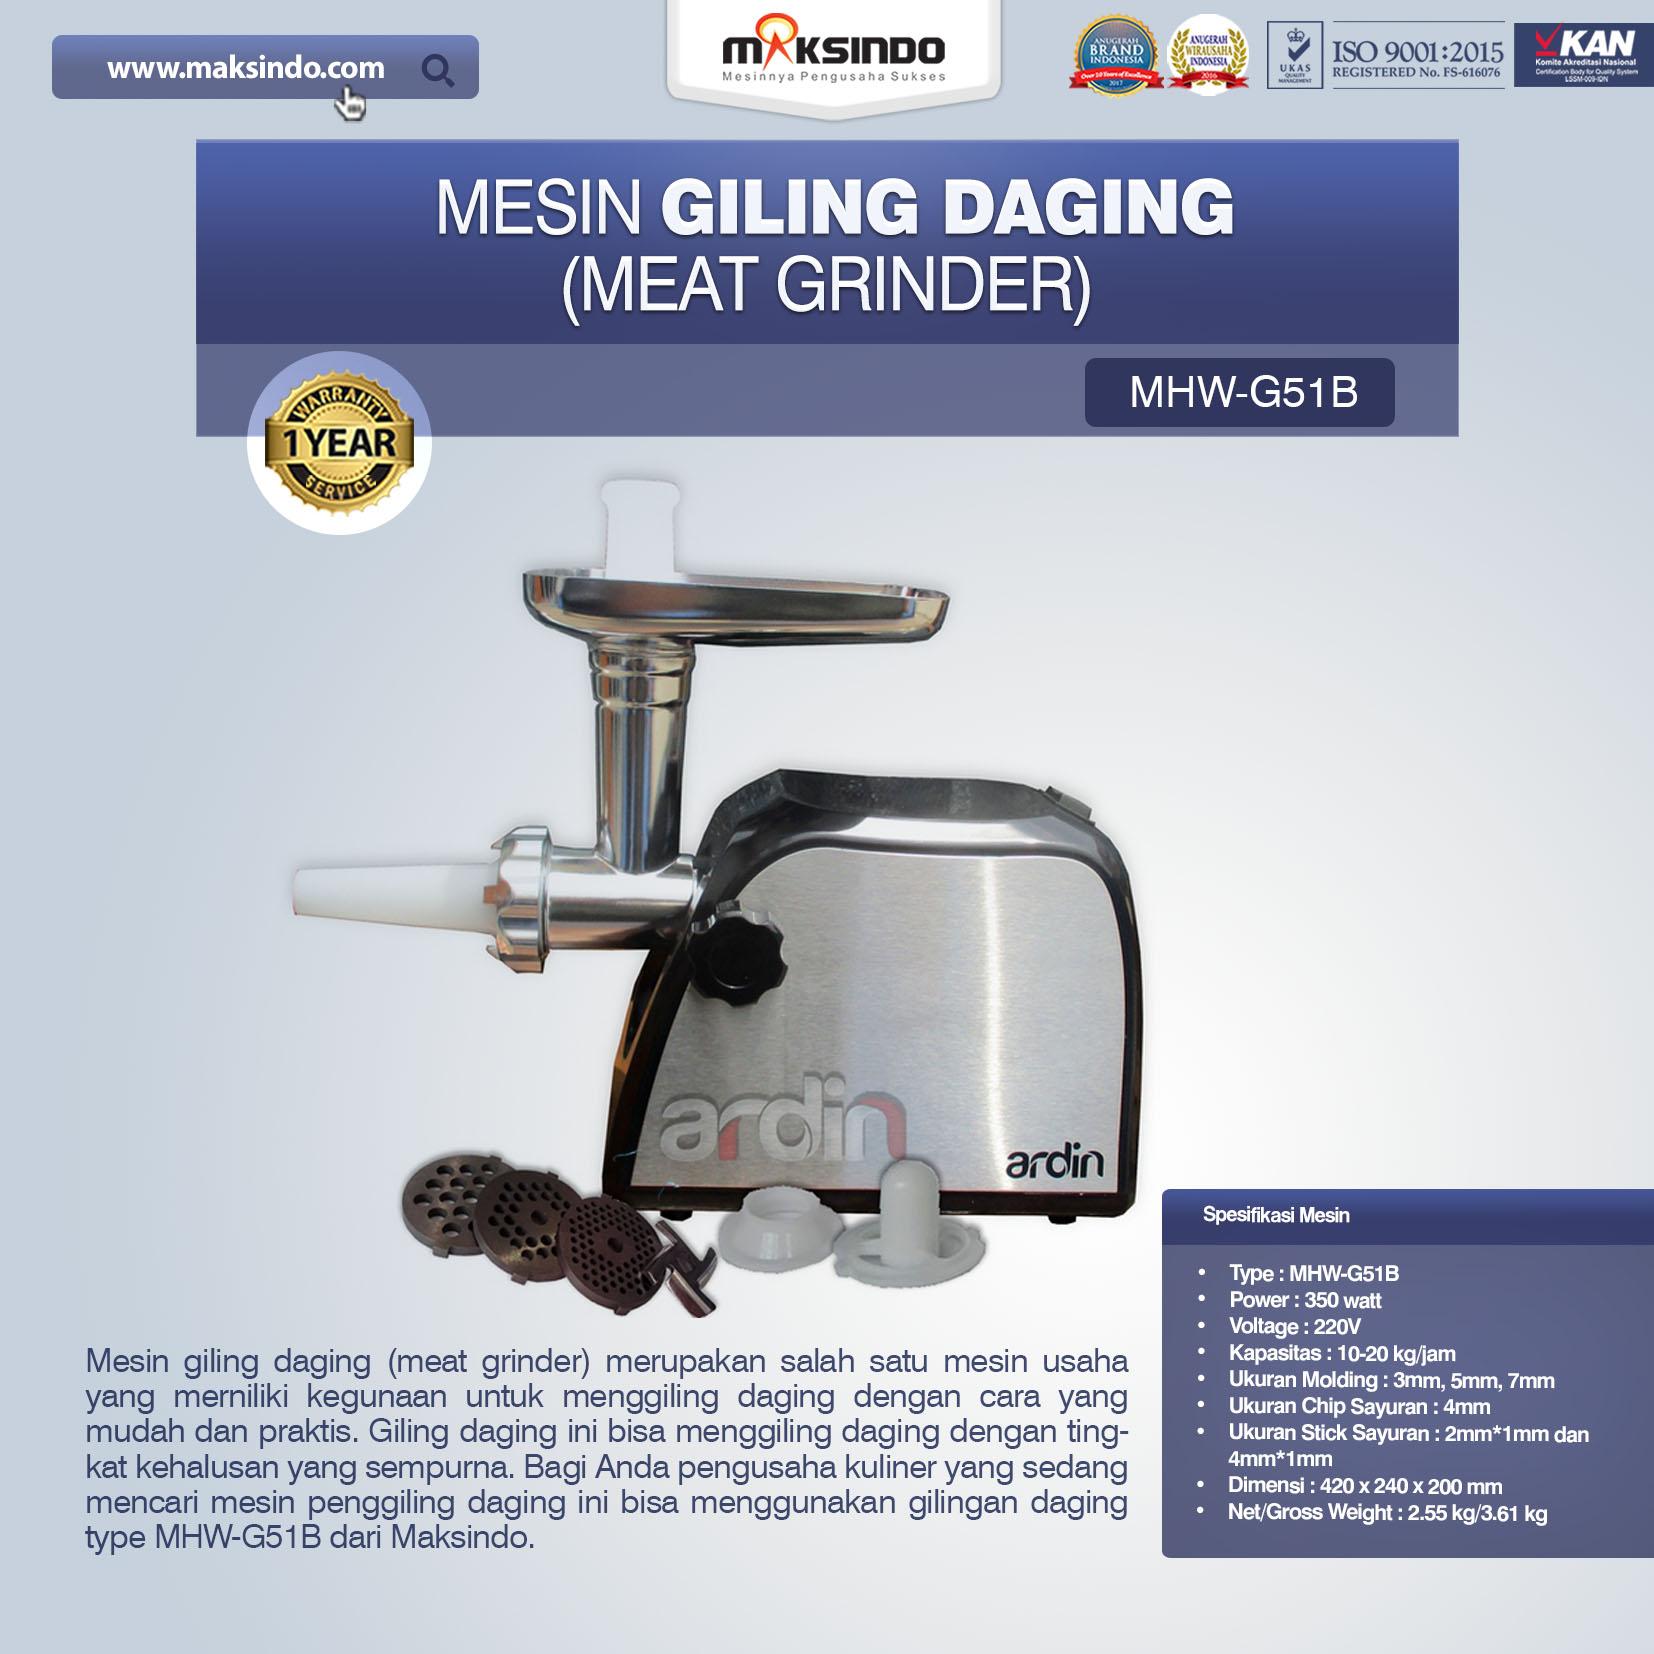 Jual Mesin Giling Daging (Meat Grinder) MHW-G51B Di Jakarta